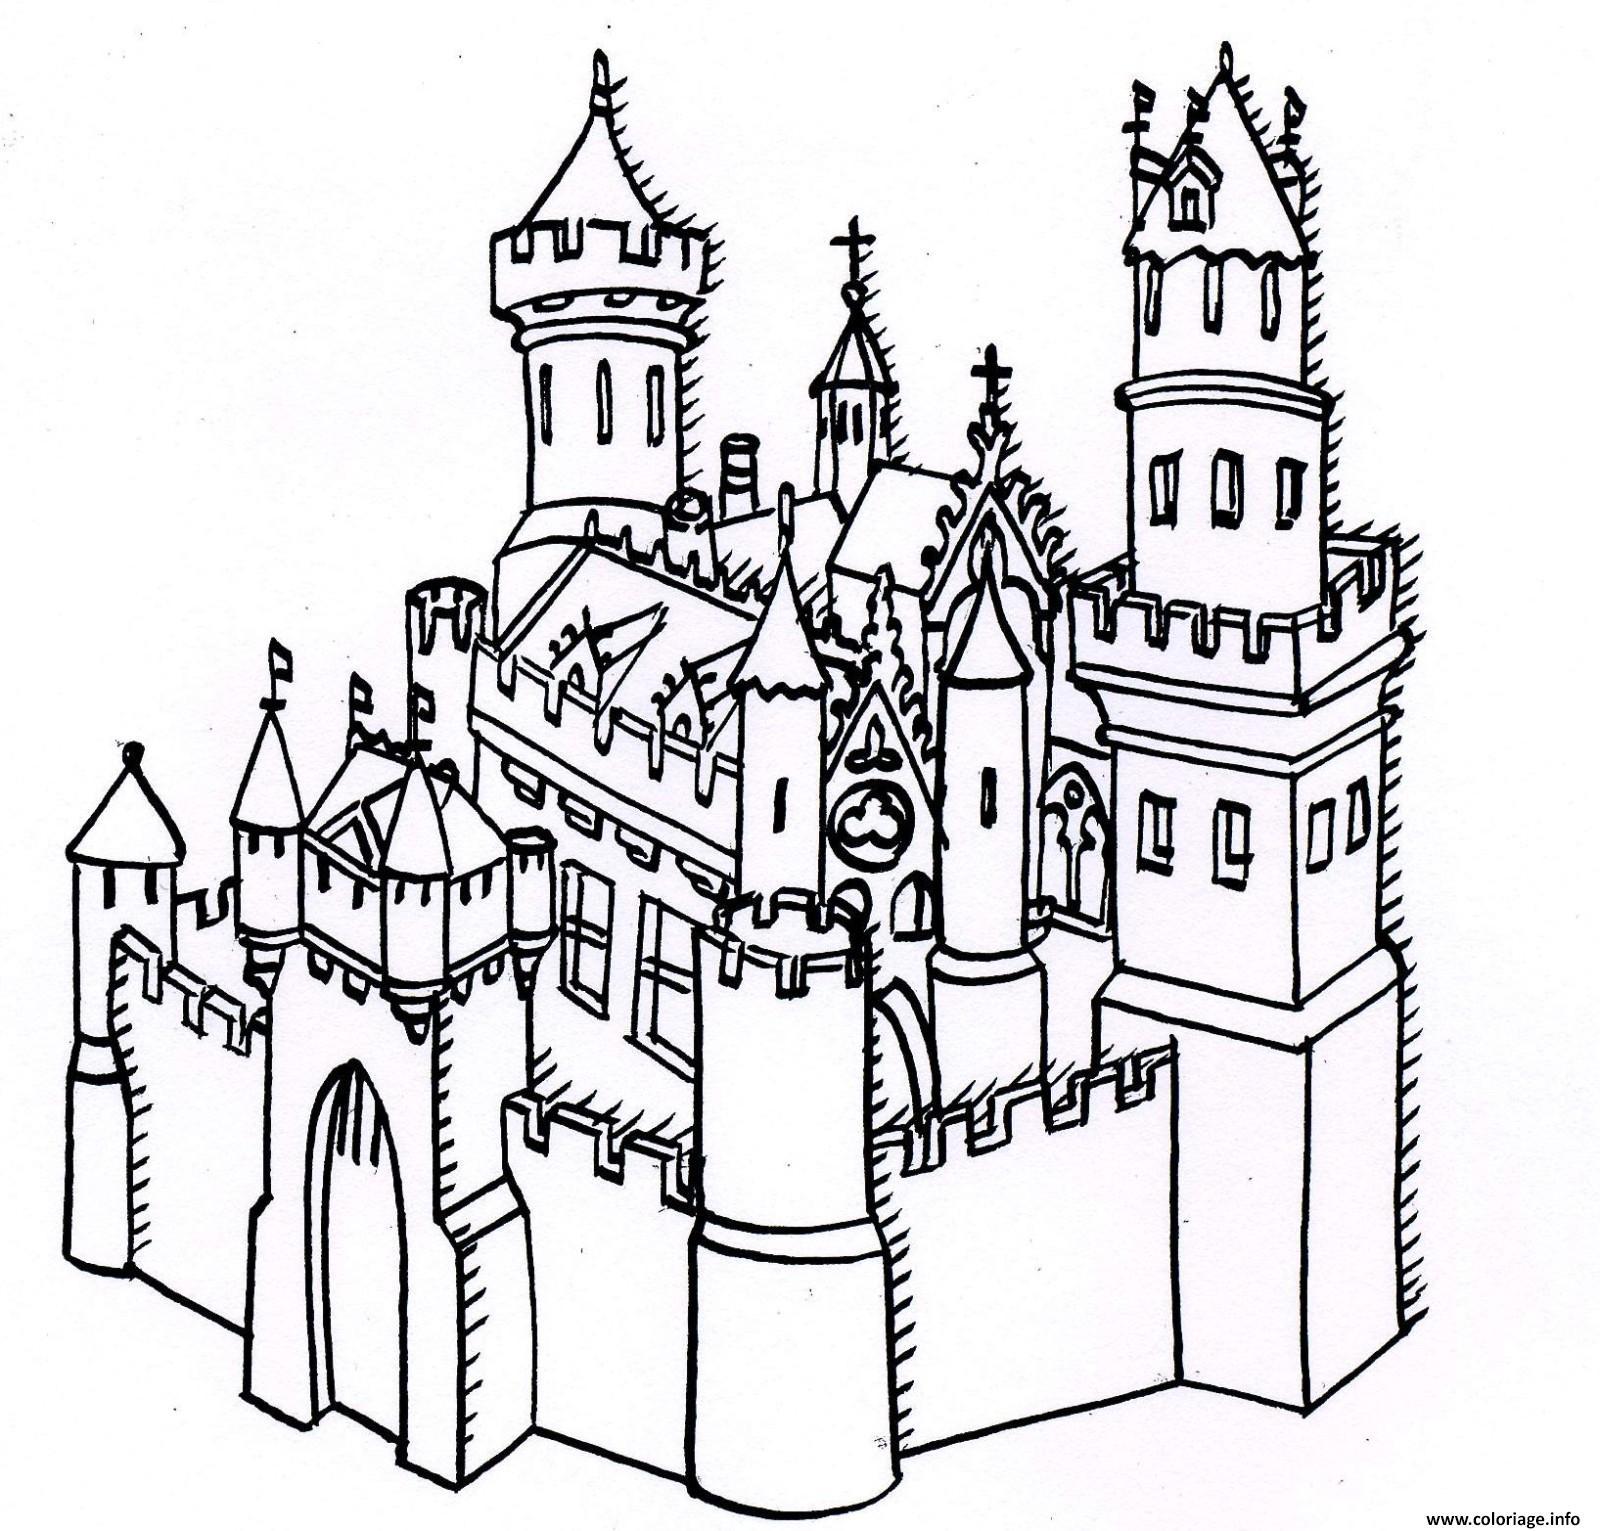 Coloriage Chateau Forteresse Dessin destiné Image De Chateau Fort A Imprimer